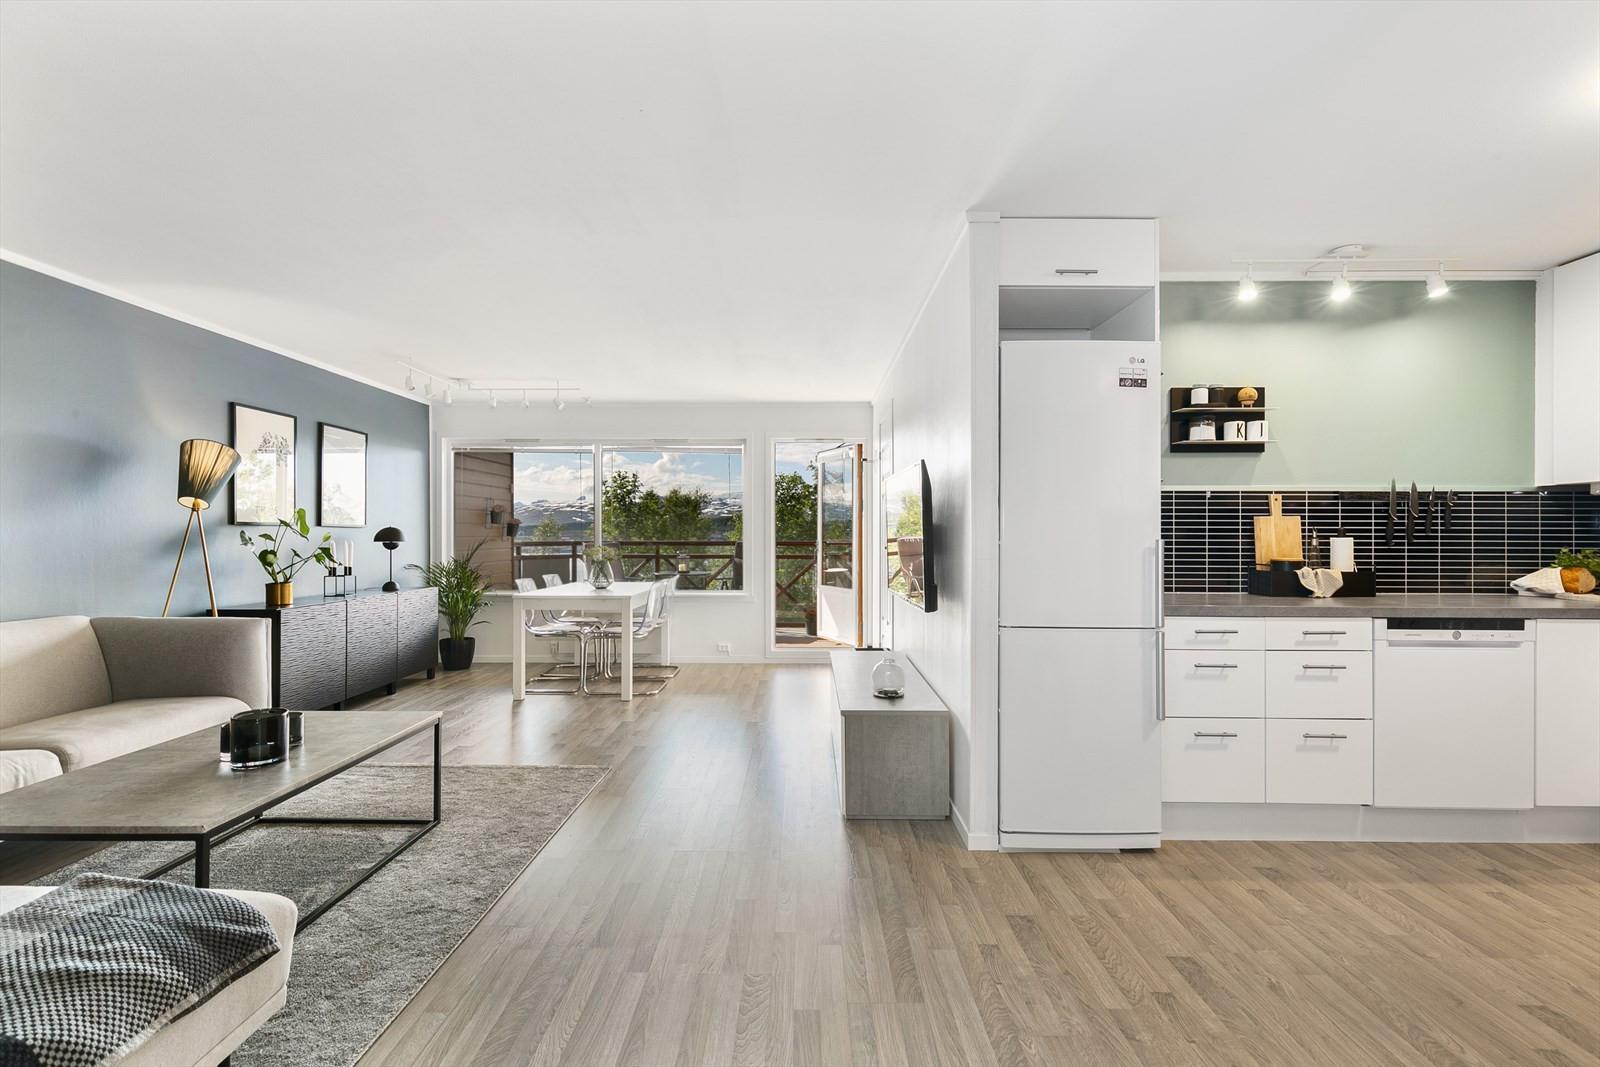 Stue og kjøkken i åpen løsning. Luftig og romslig planløsning.